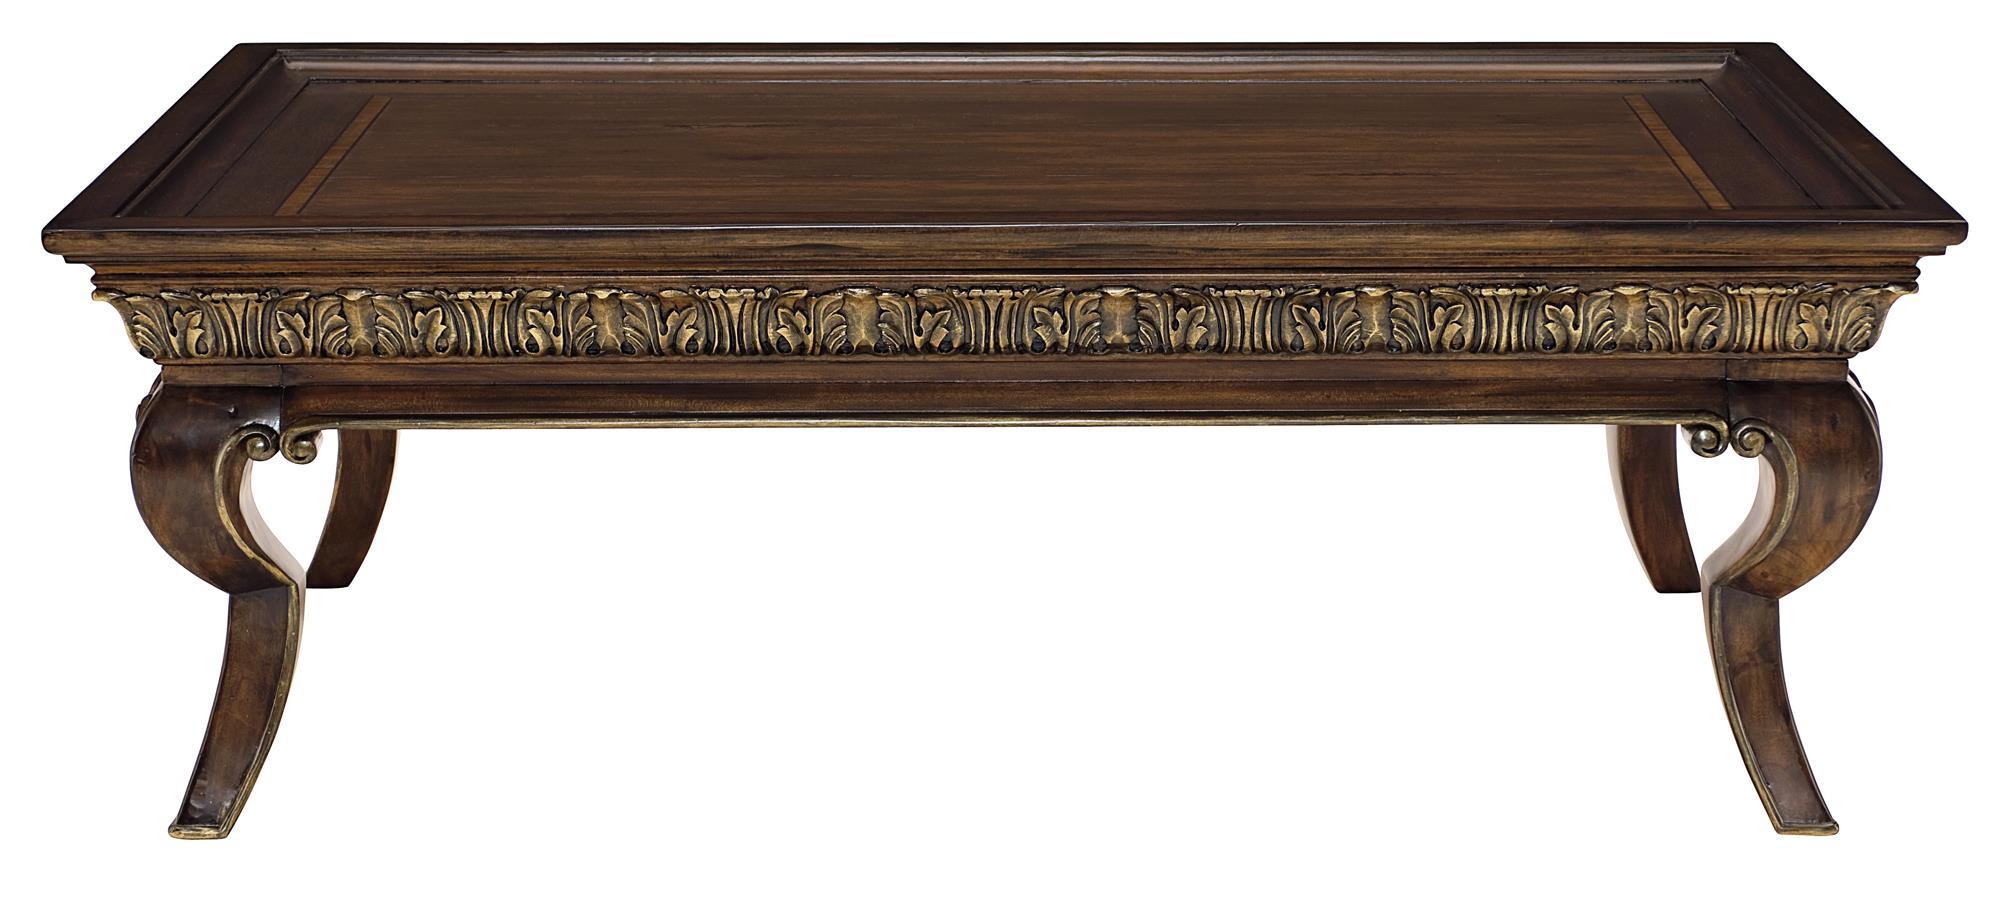 Bernhardt Villa Medici 355 022 Cocktail Table With Carved Frame